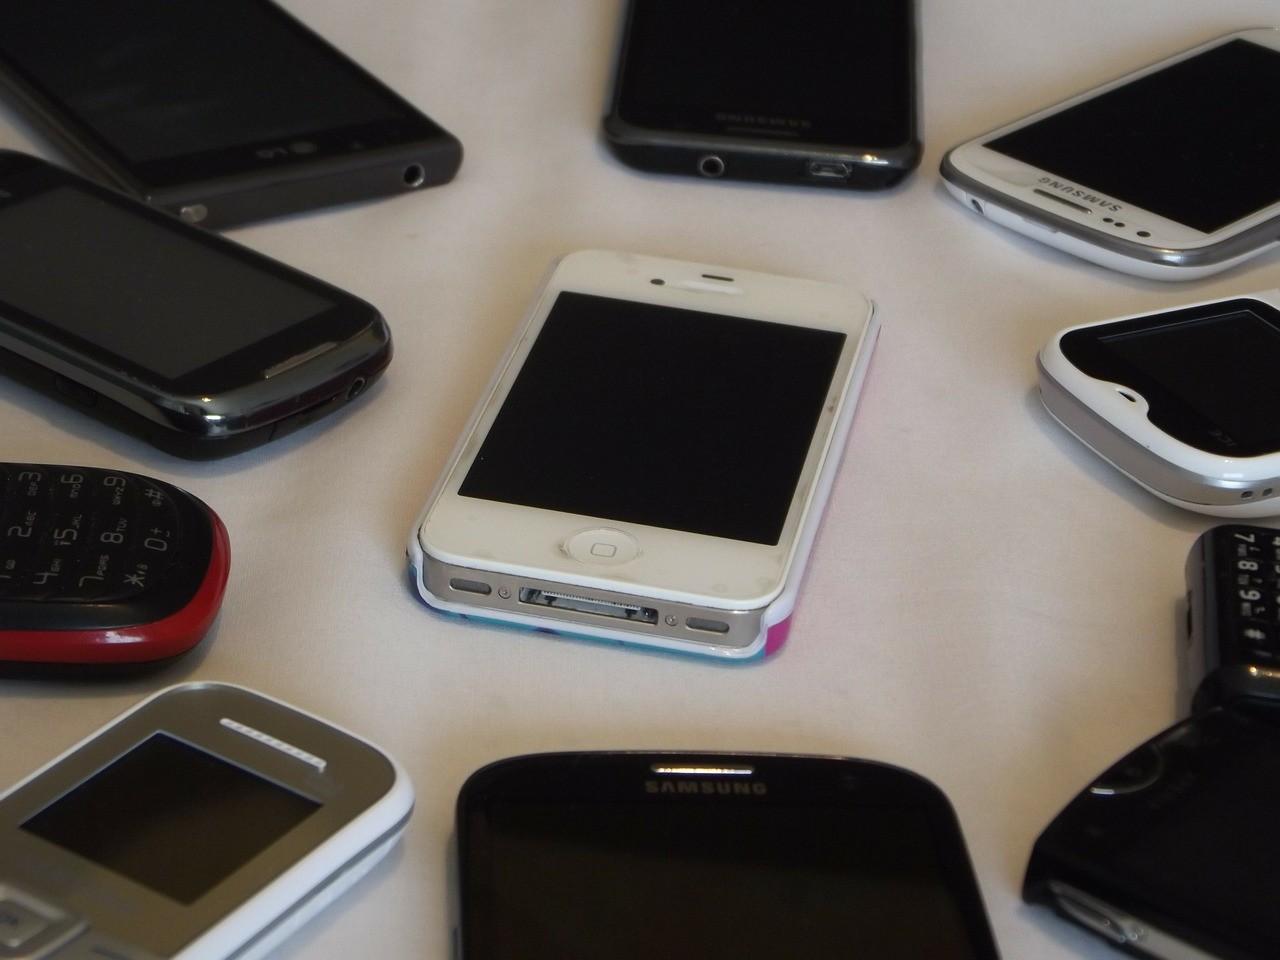 Cómo pasar todos tus datos de un teléfono a otro sin importar la marca o el sistema operativo